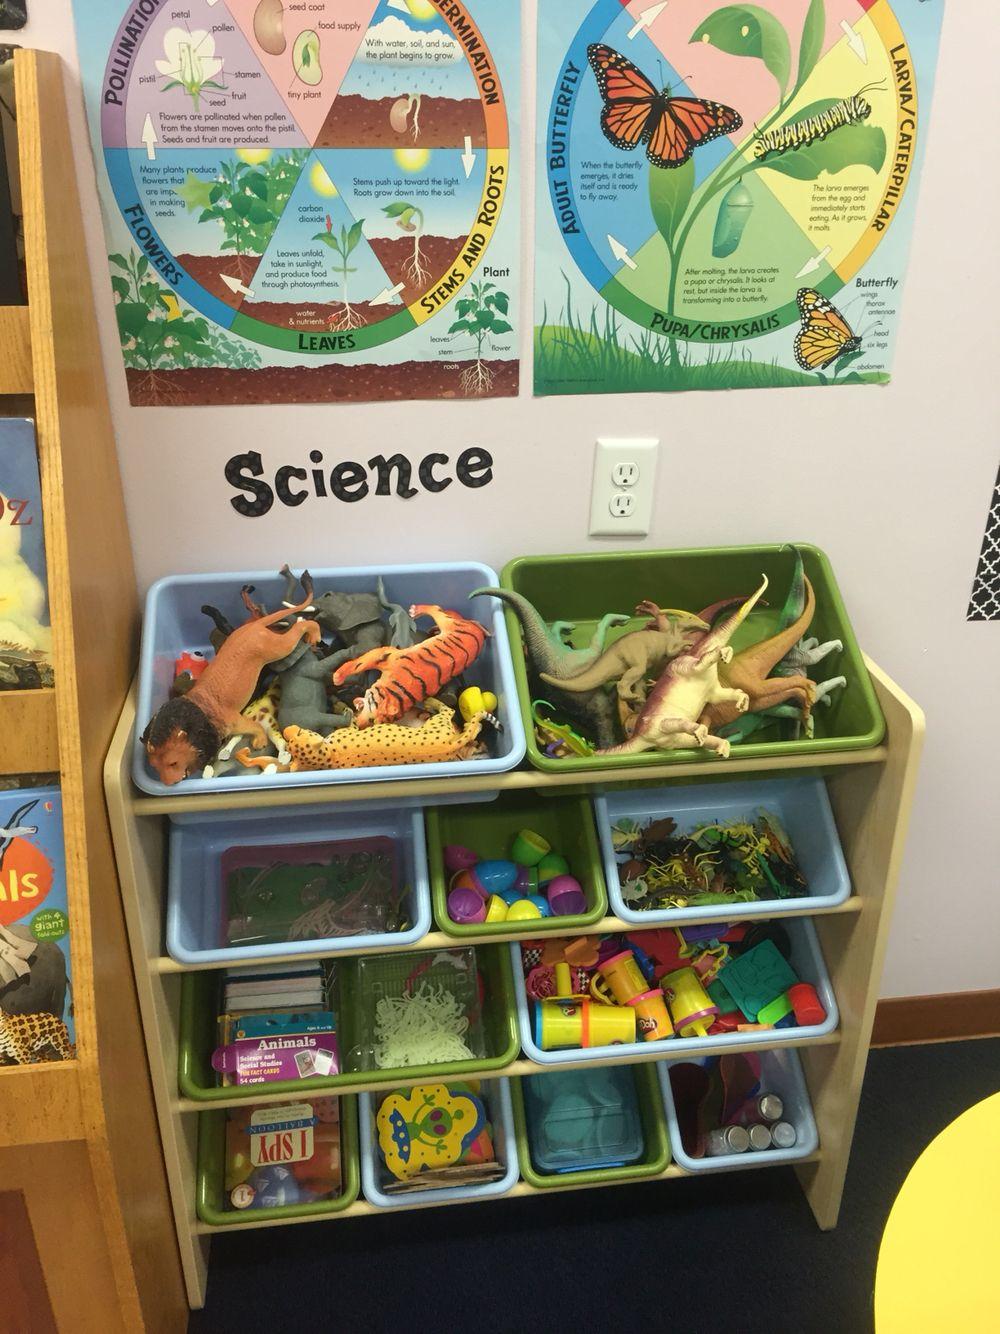 the preschool pre k classroom set up science shelf cdlc 683